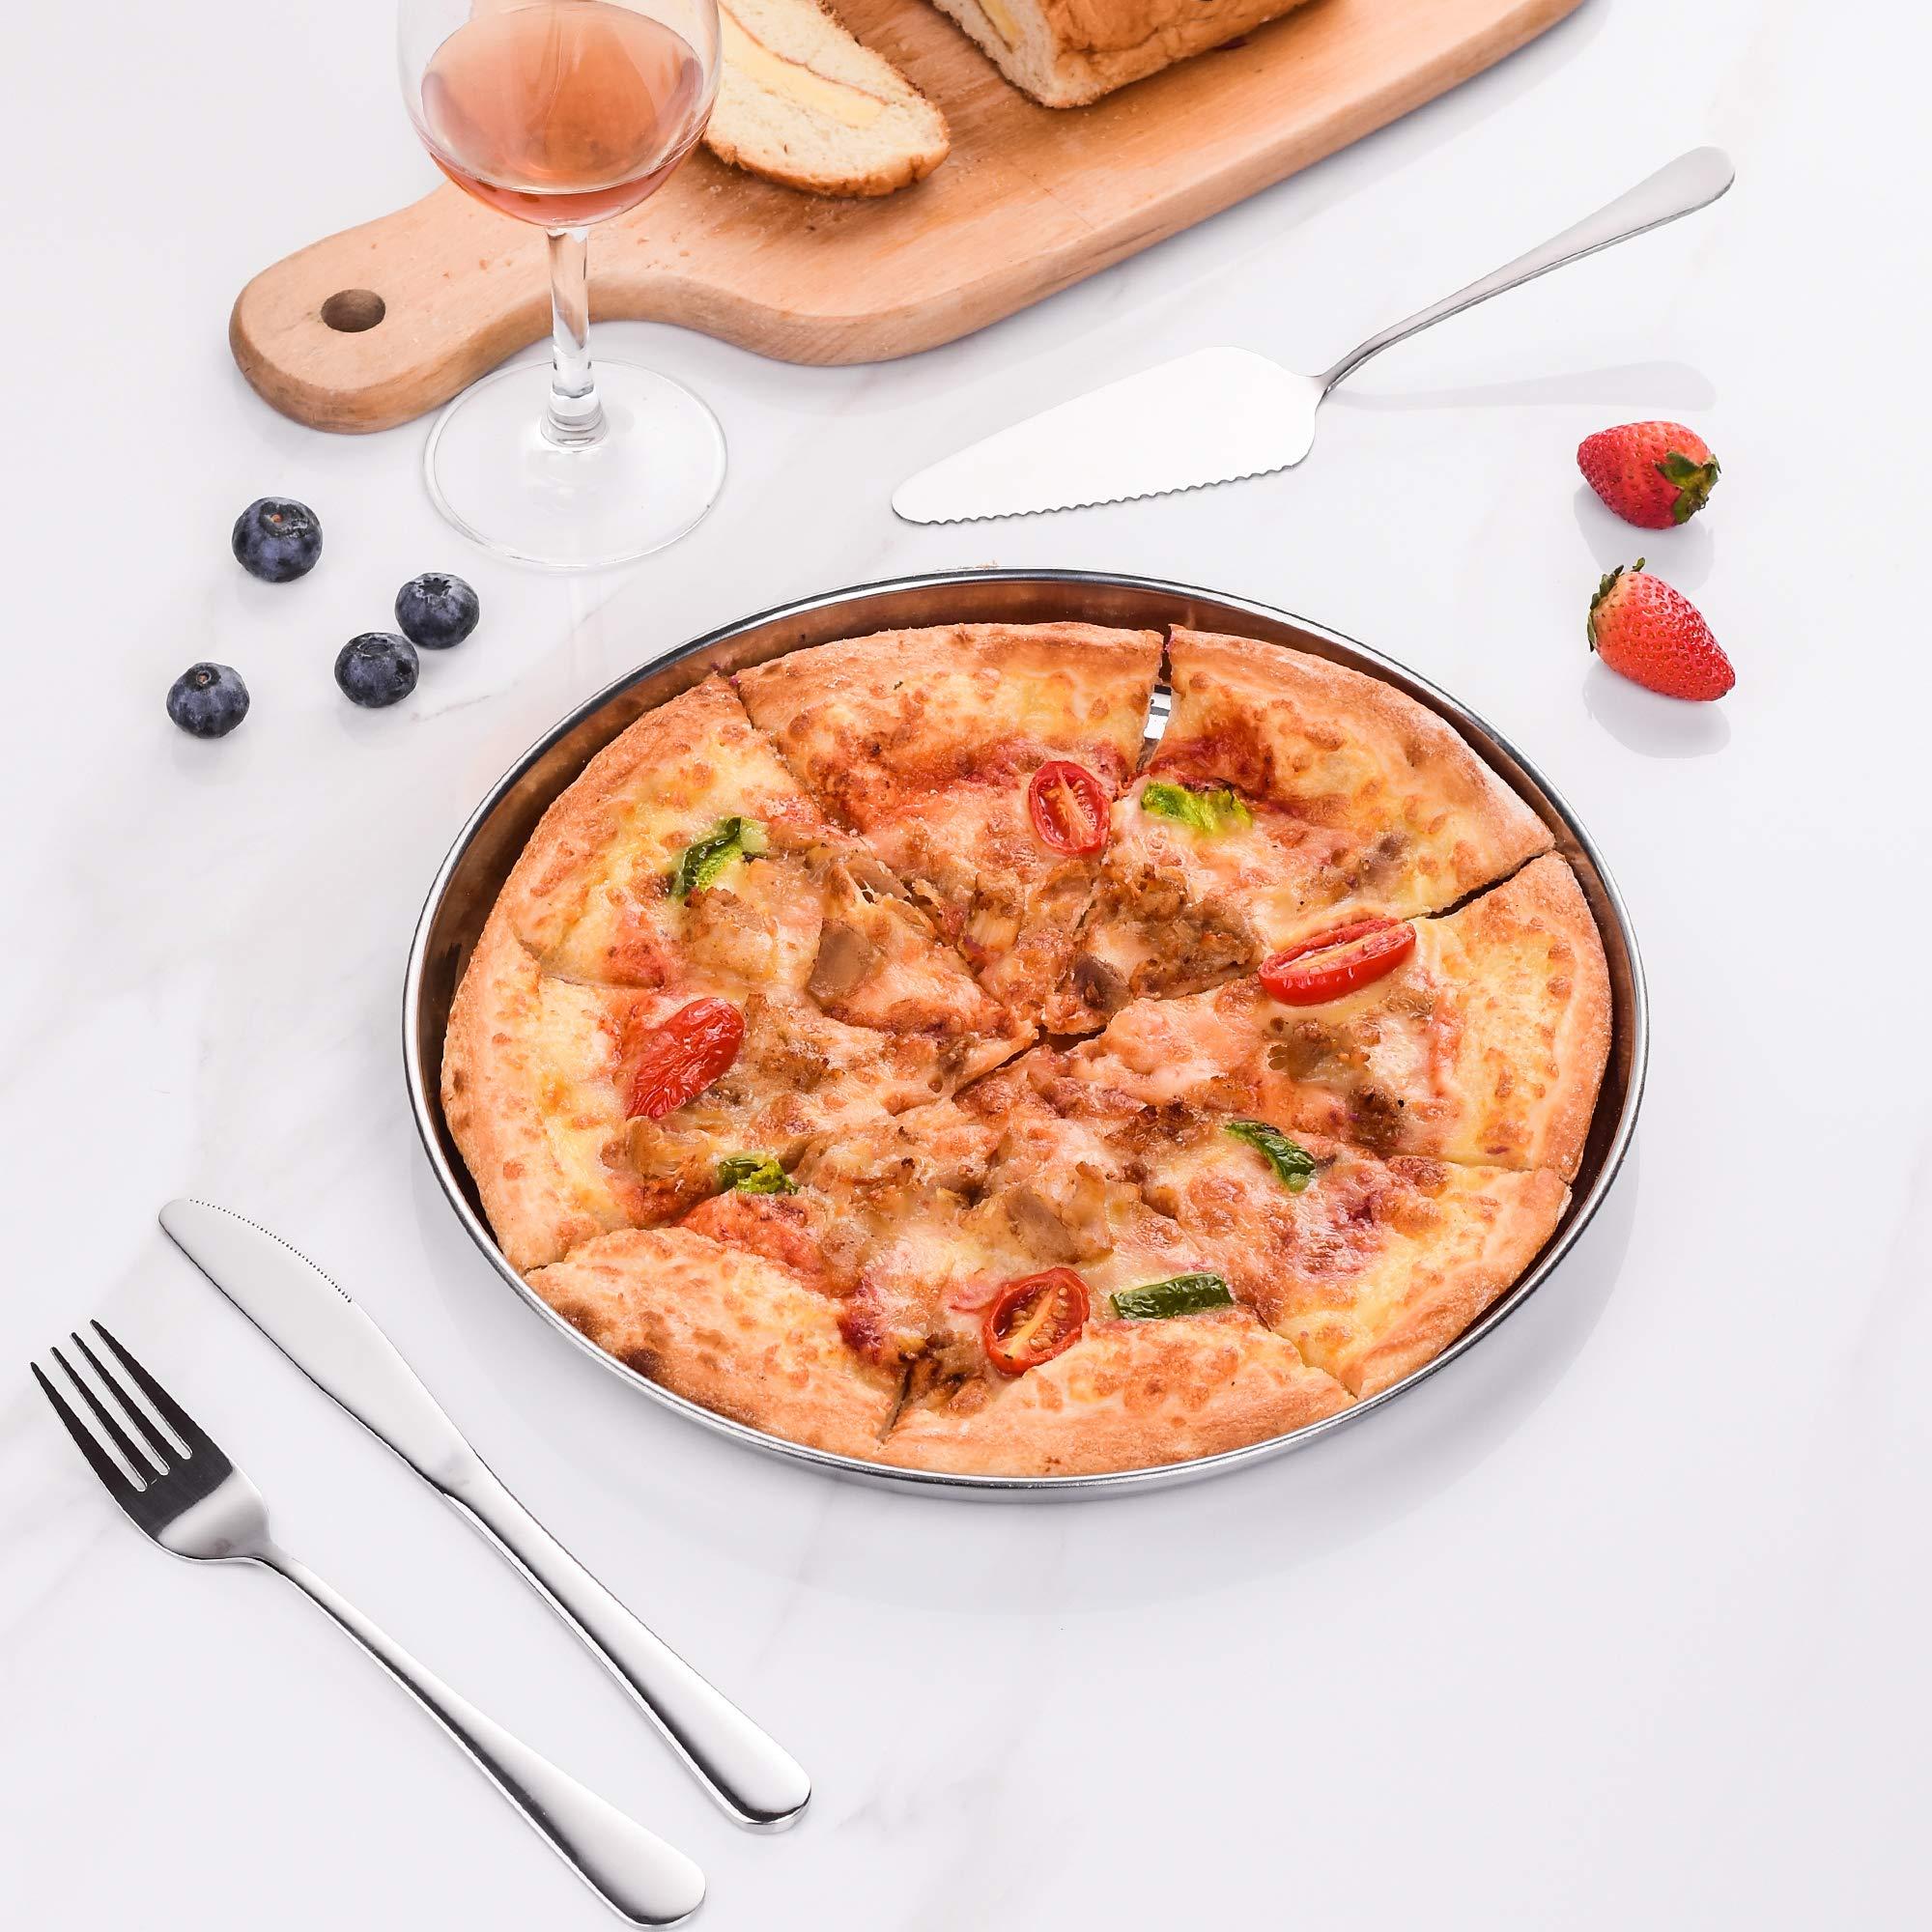 Velaze Juego de Bandejas de Pizza para Horno, Bandejas Redondas para Pizza de Acero Inoxidable 18/8, 4 Piezas(32cm): Amazon.es: Hogar